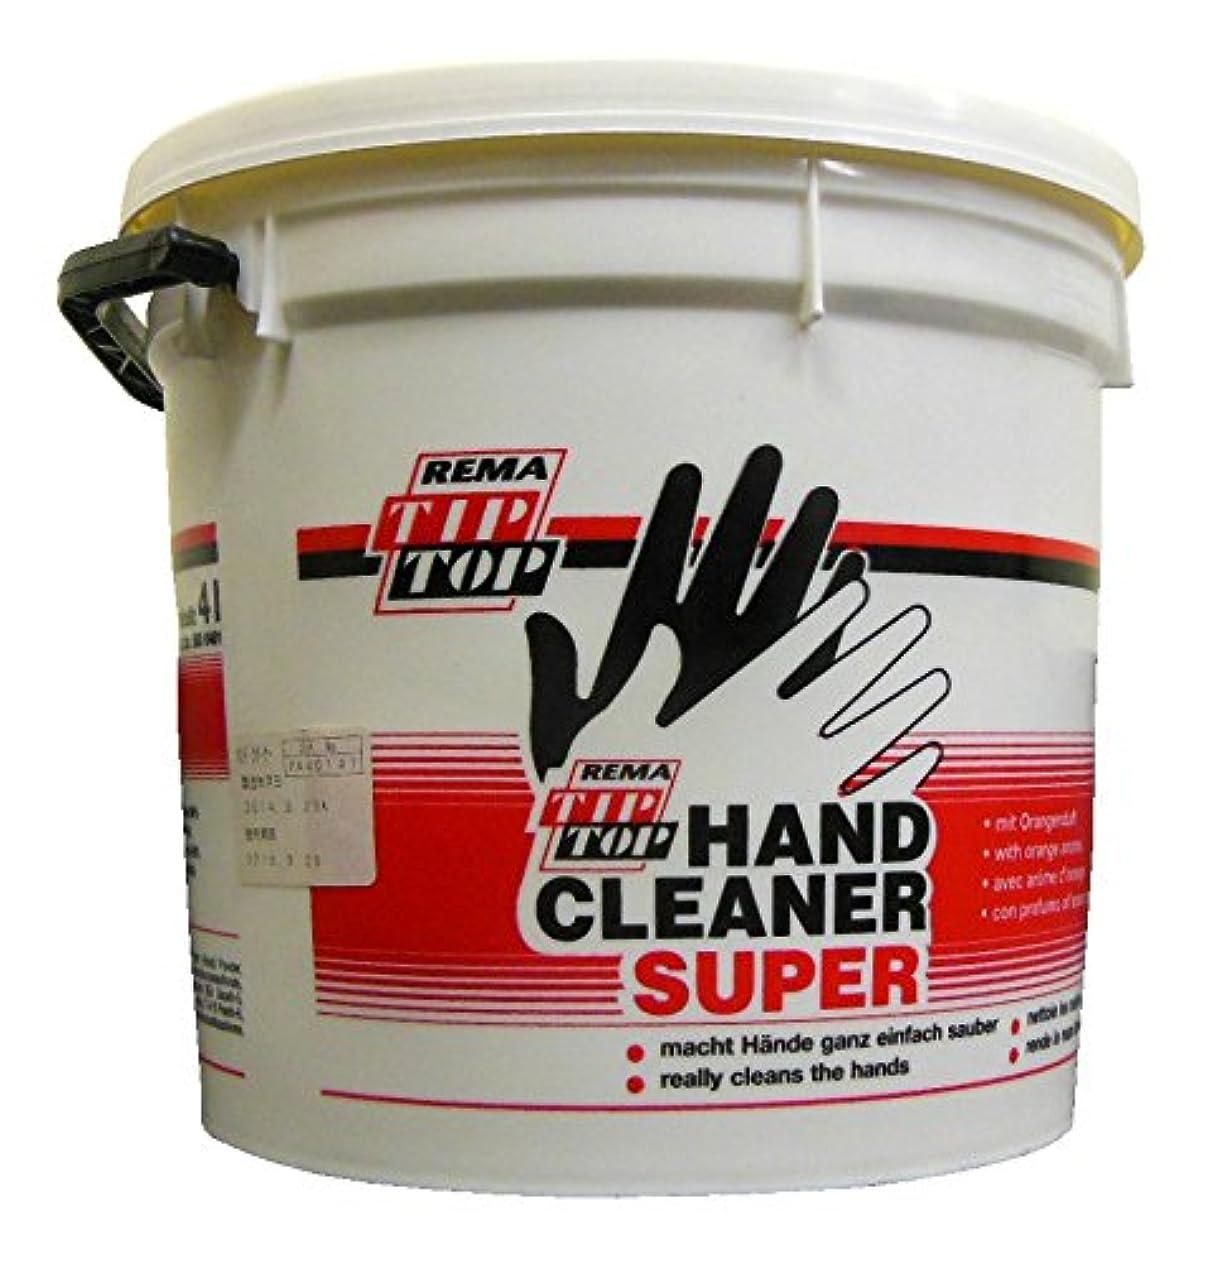 ミュウミュウ首尾一貫した明快TIPTOP(チップトップ) ハンドクリーナー HAND CLEANER SUPER 4L H-052